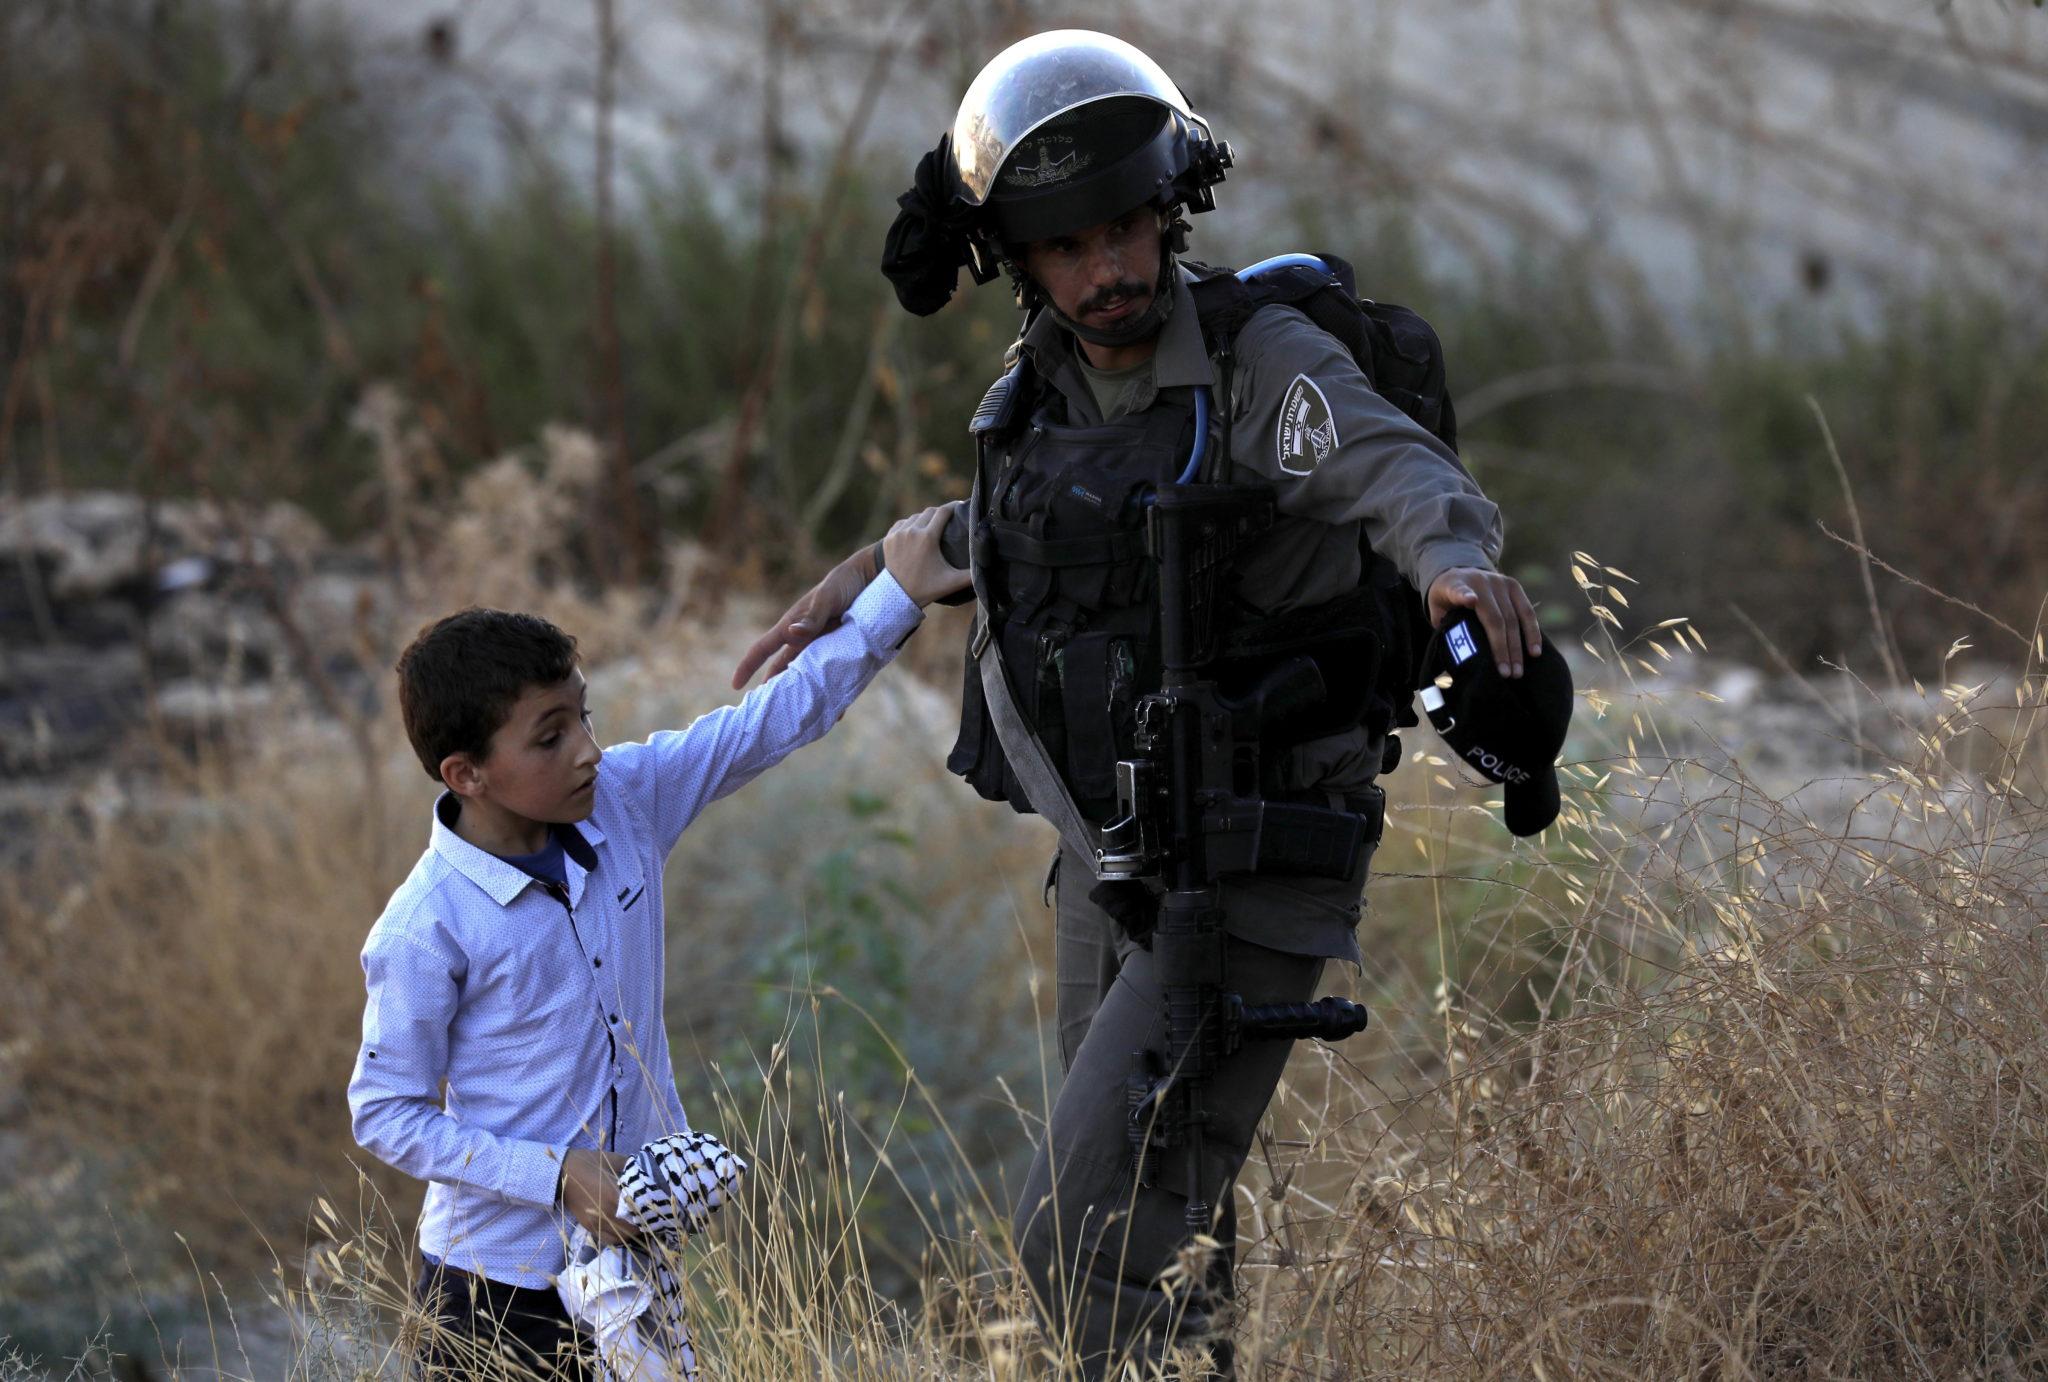 Palestyński chłopiec i izraelski żołnierz podczas rozbiórki w wiosce Sur Baher, która znajduje się po obu stronach izraelskiej bariery we Wschodniej Jerozolimie i na okupowanym przez Izrael Zachodnim Brzegu, fot. ABED AL HASHLAMOUN, PAP/EPA.